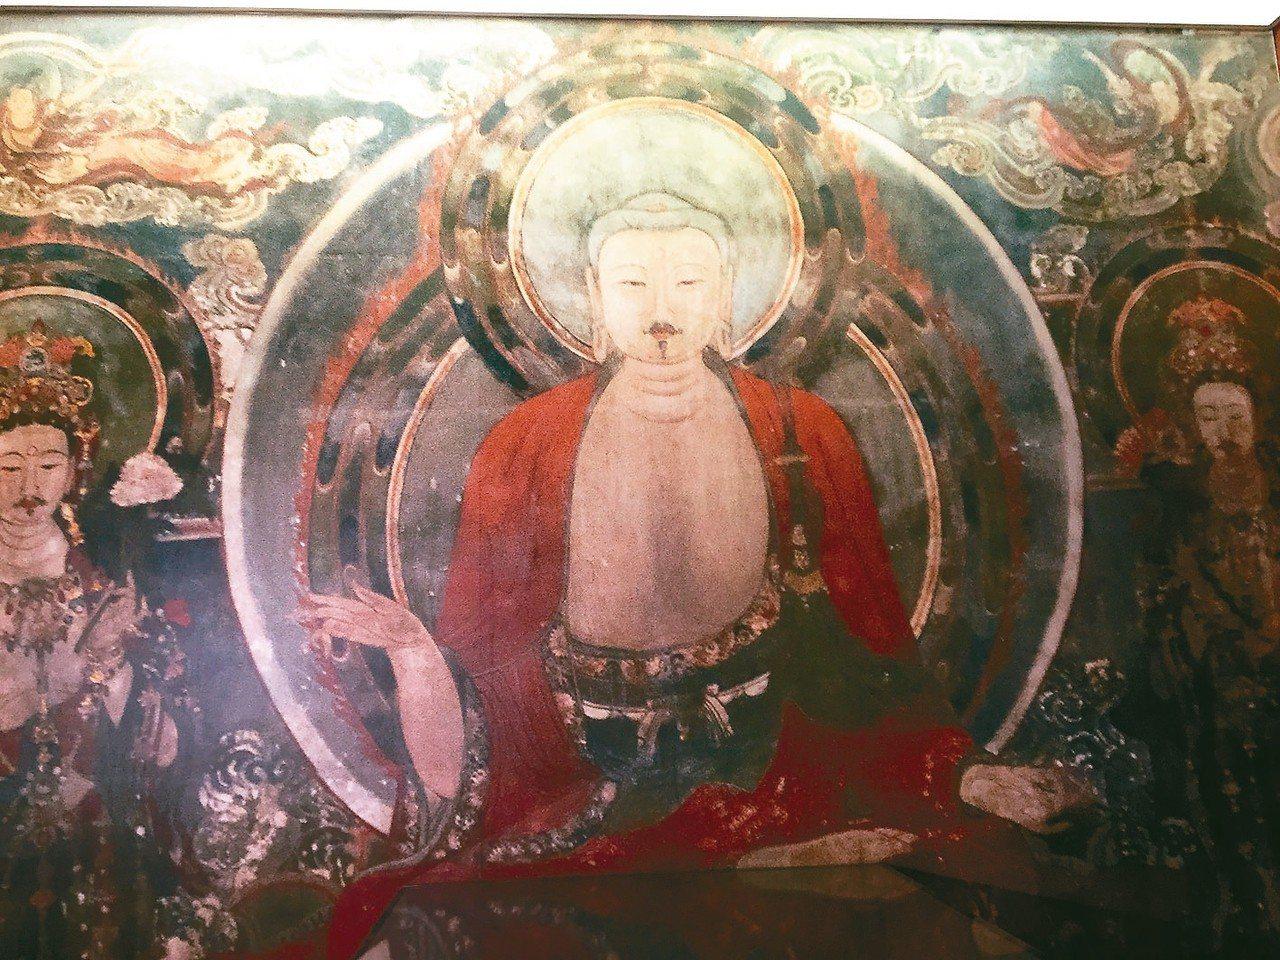 金代佛像展現金人形象,姓別為男,留有小山羊鬍子,相當獨特。 翻拍畫冊